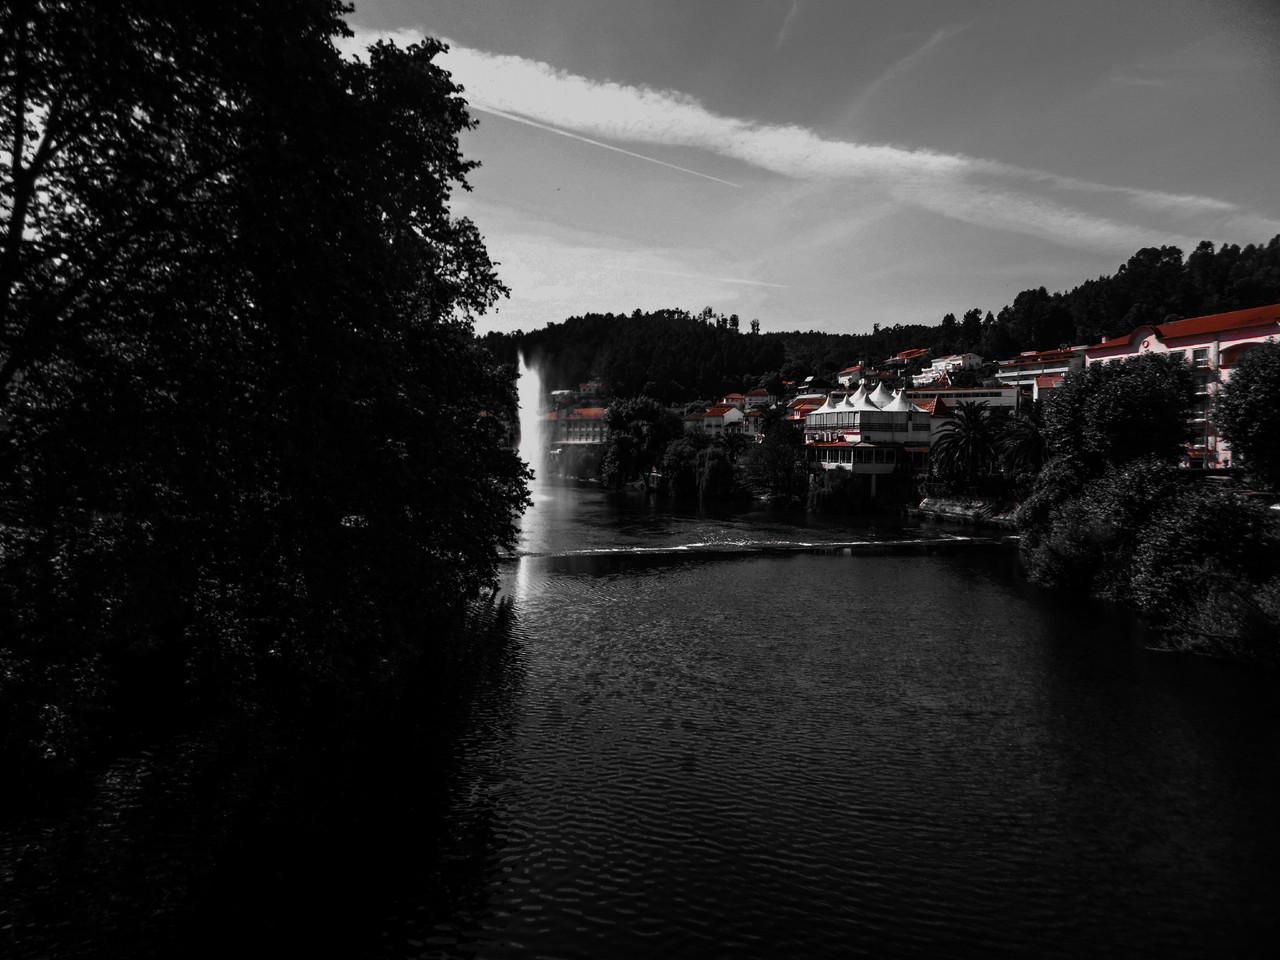 SAM_2462_edited_edited.jpg